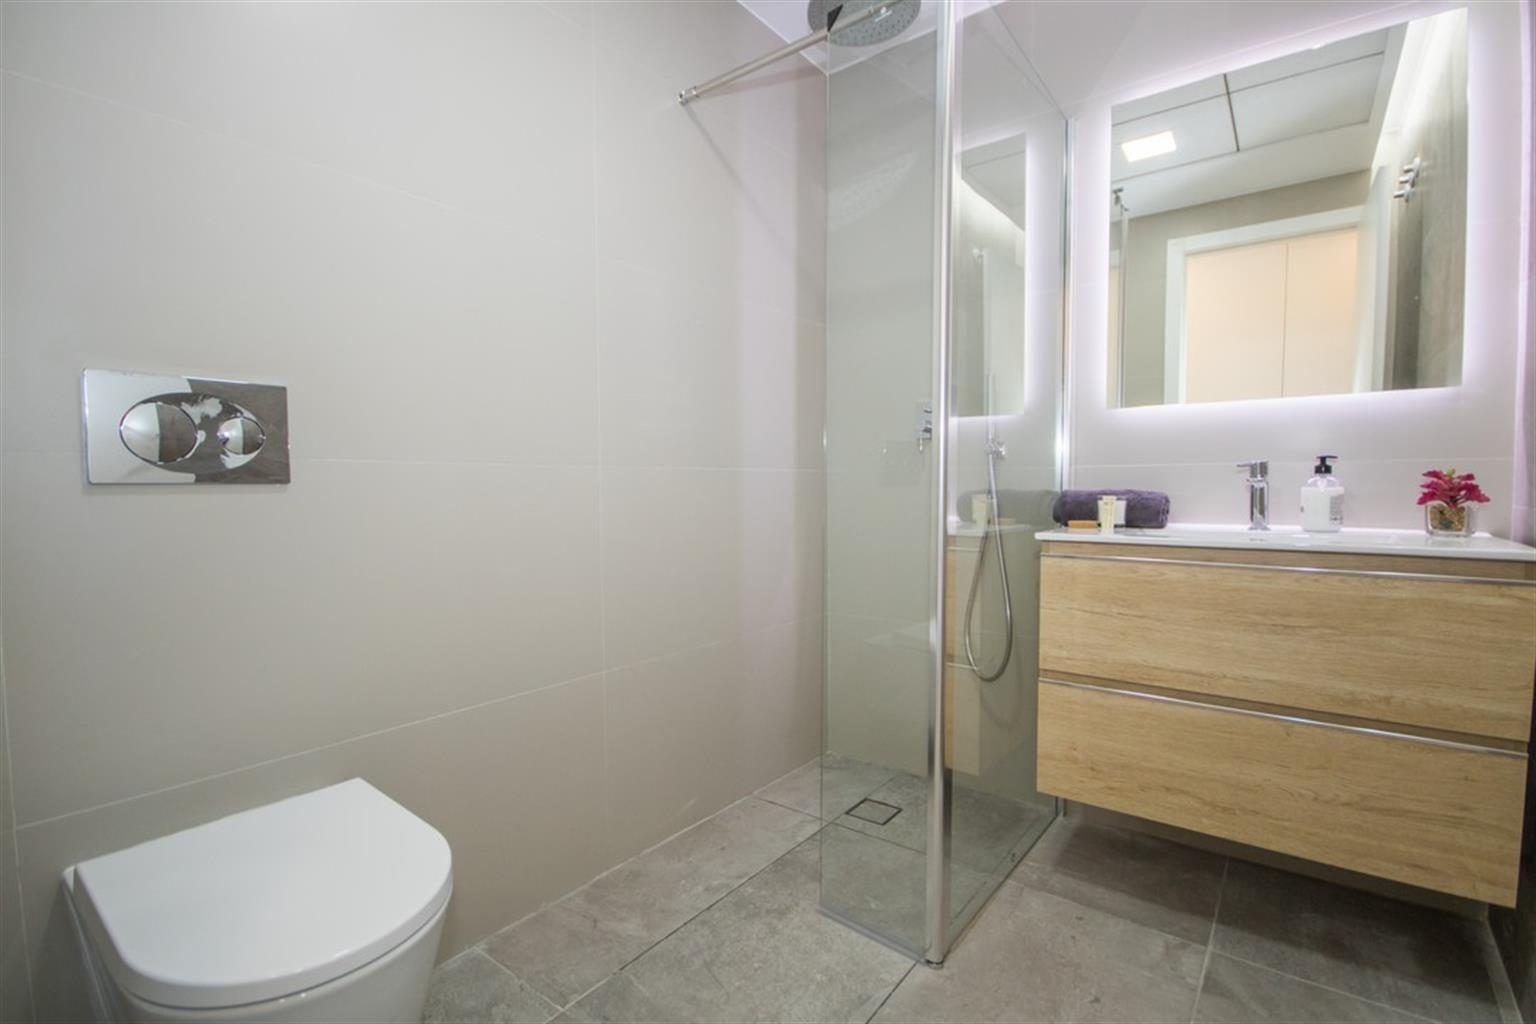 Appartement - Los Balcones  - #4231453-14